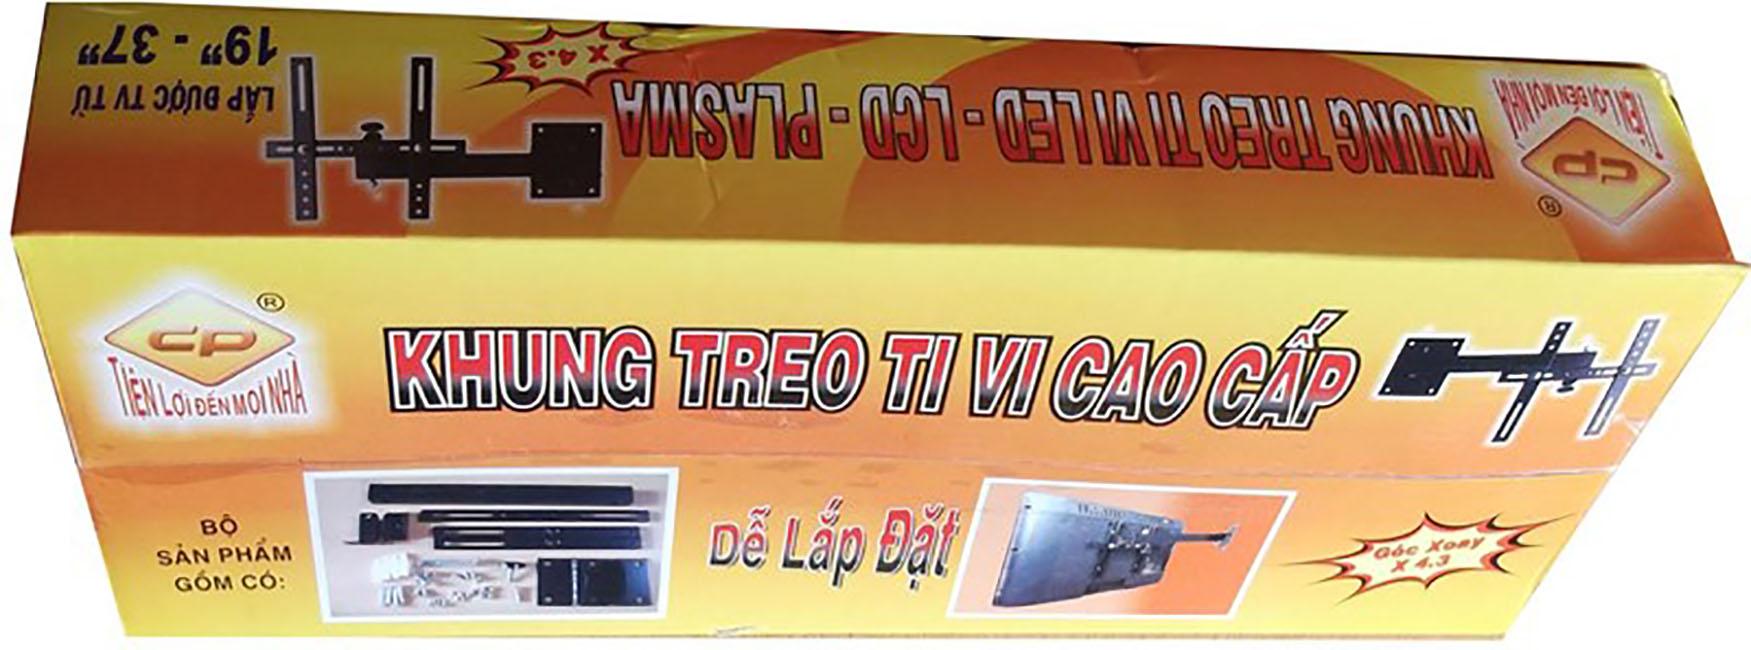 Khung treo tivi xoay 19 - 37 inch X4.3 - Hàng chính hãng